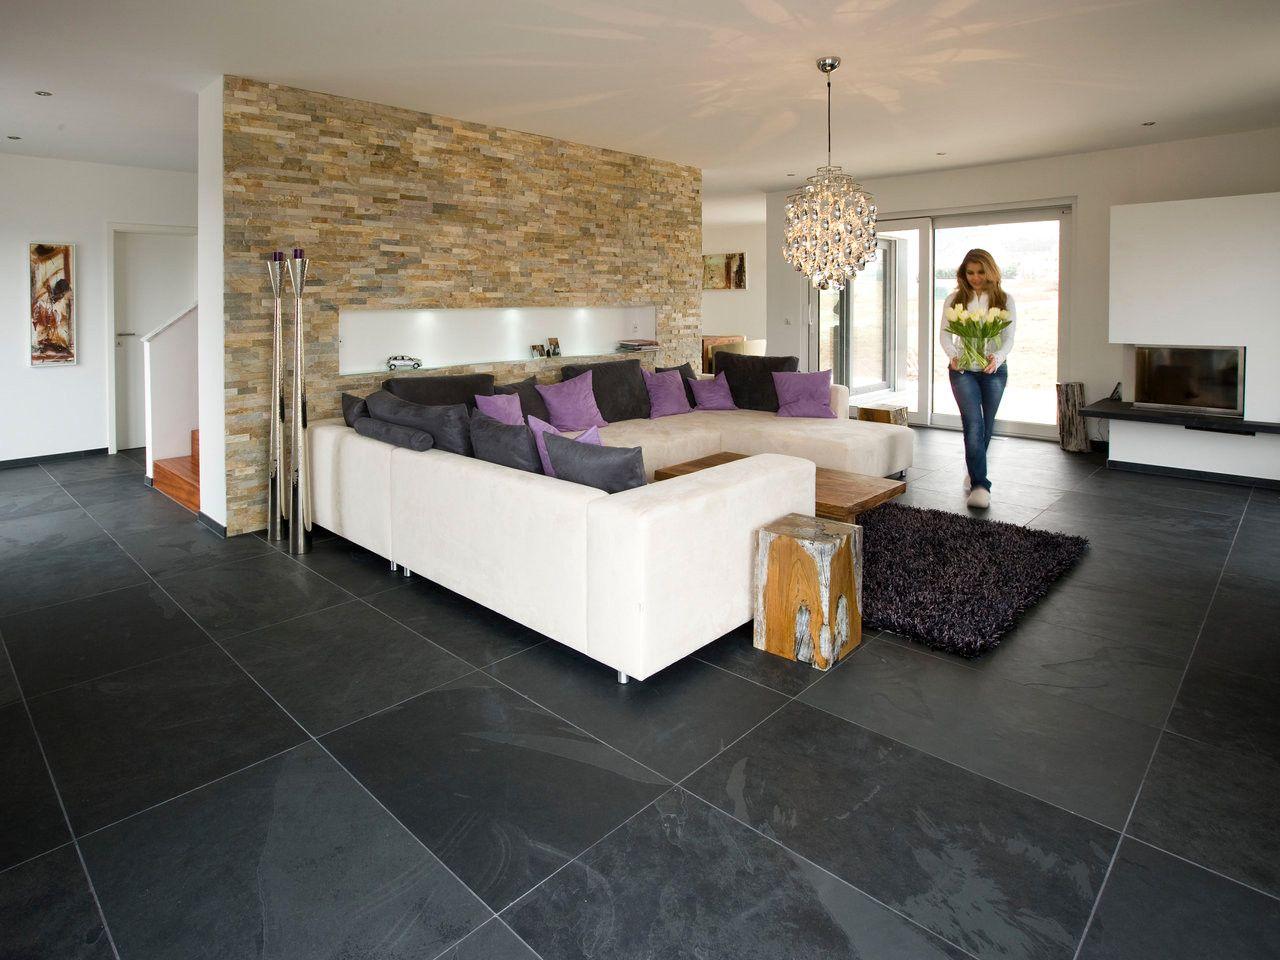 Moderne Wohnzimmer Fliesen Living Room Pictures Home Decor